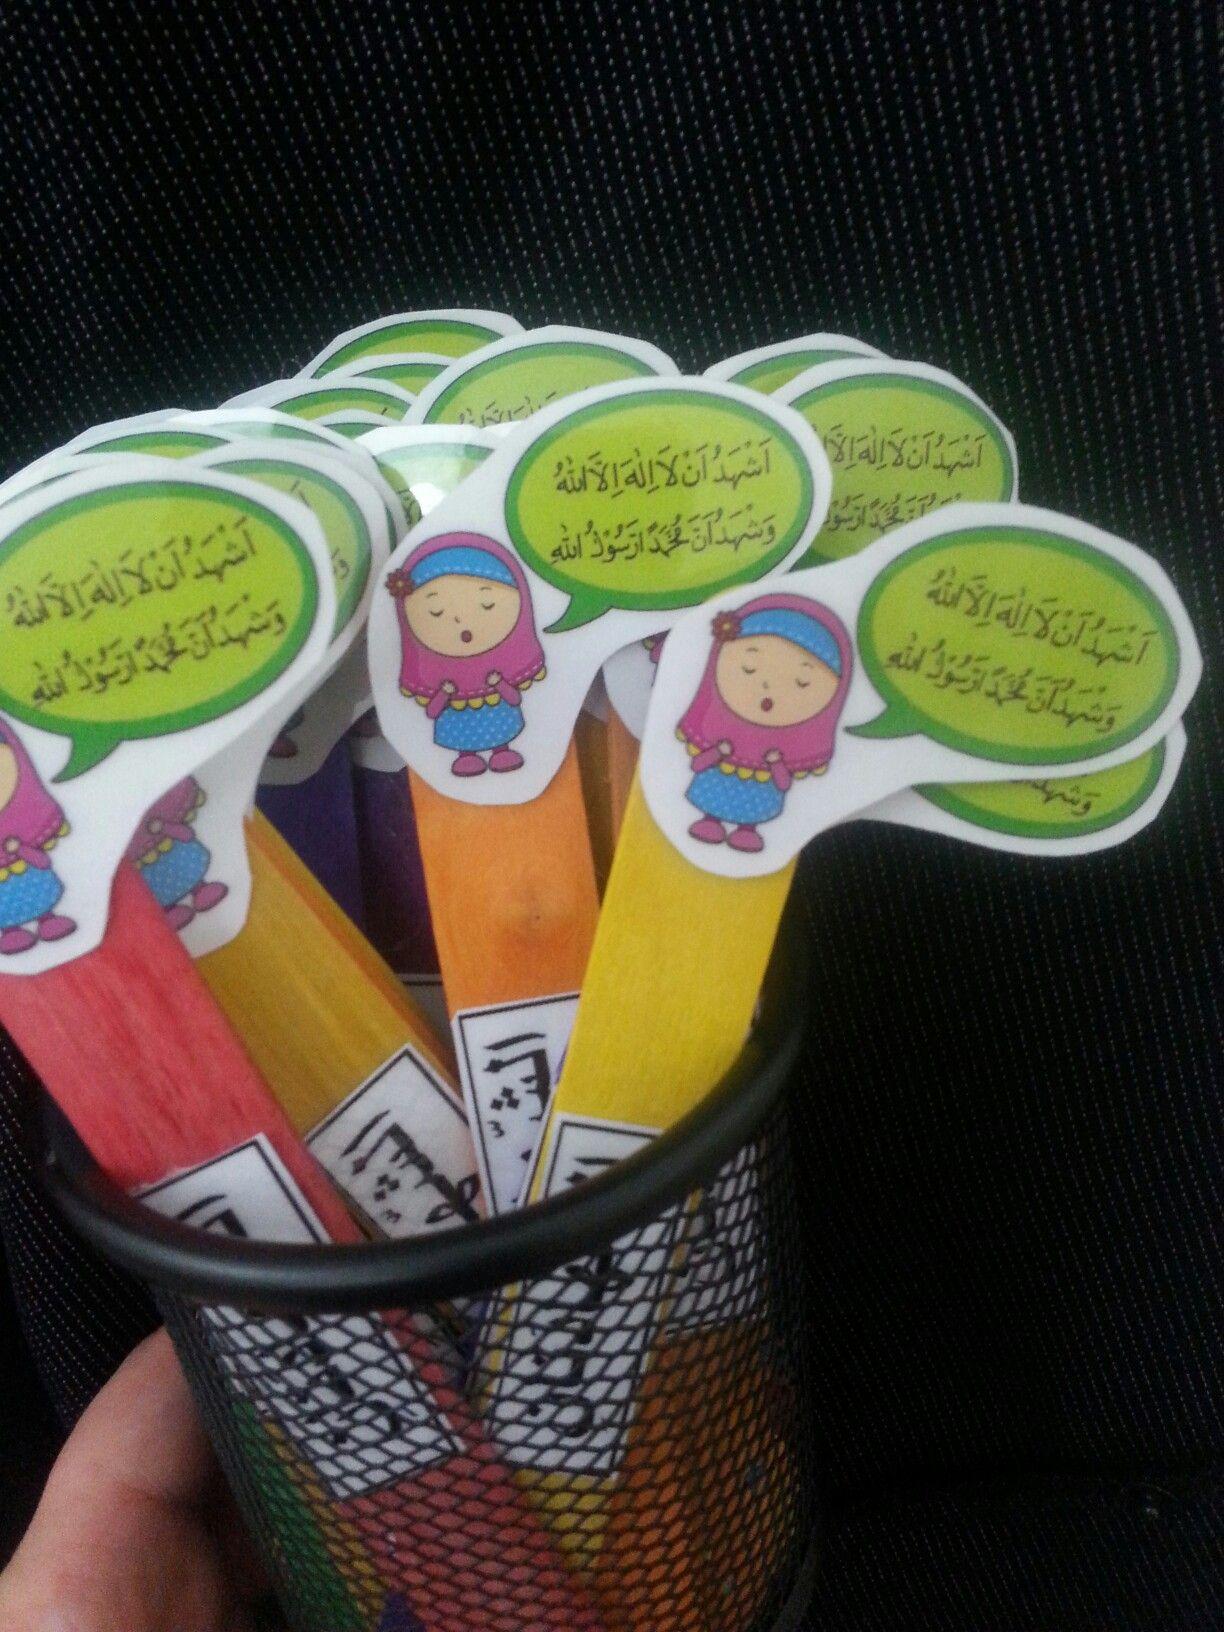 أركان الإسلام الخمسة الشهادتان Islamic Kids Activities Muslim Kids Activities Islam For Kids